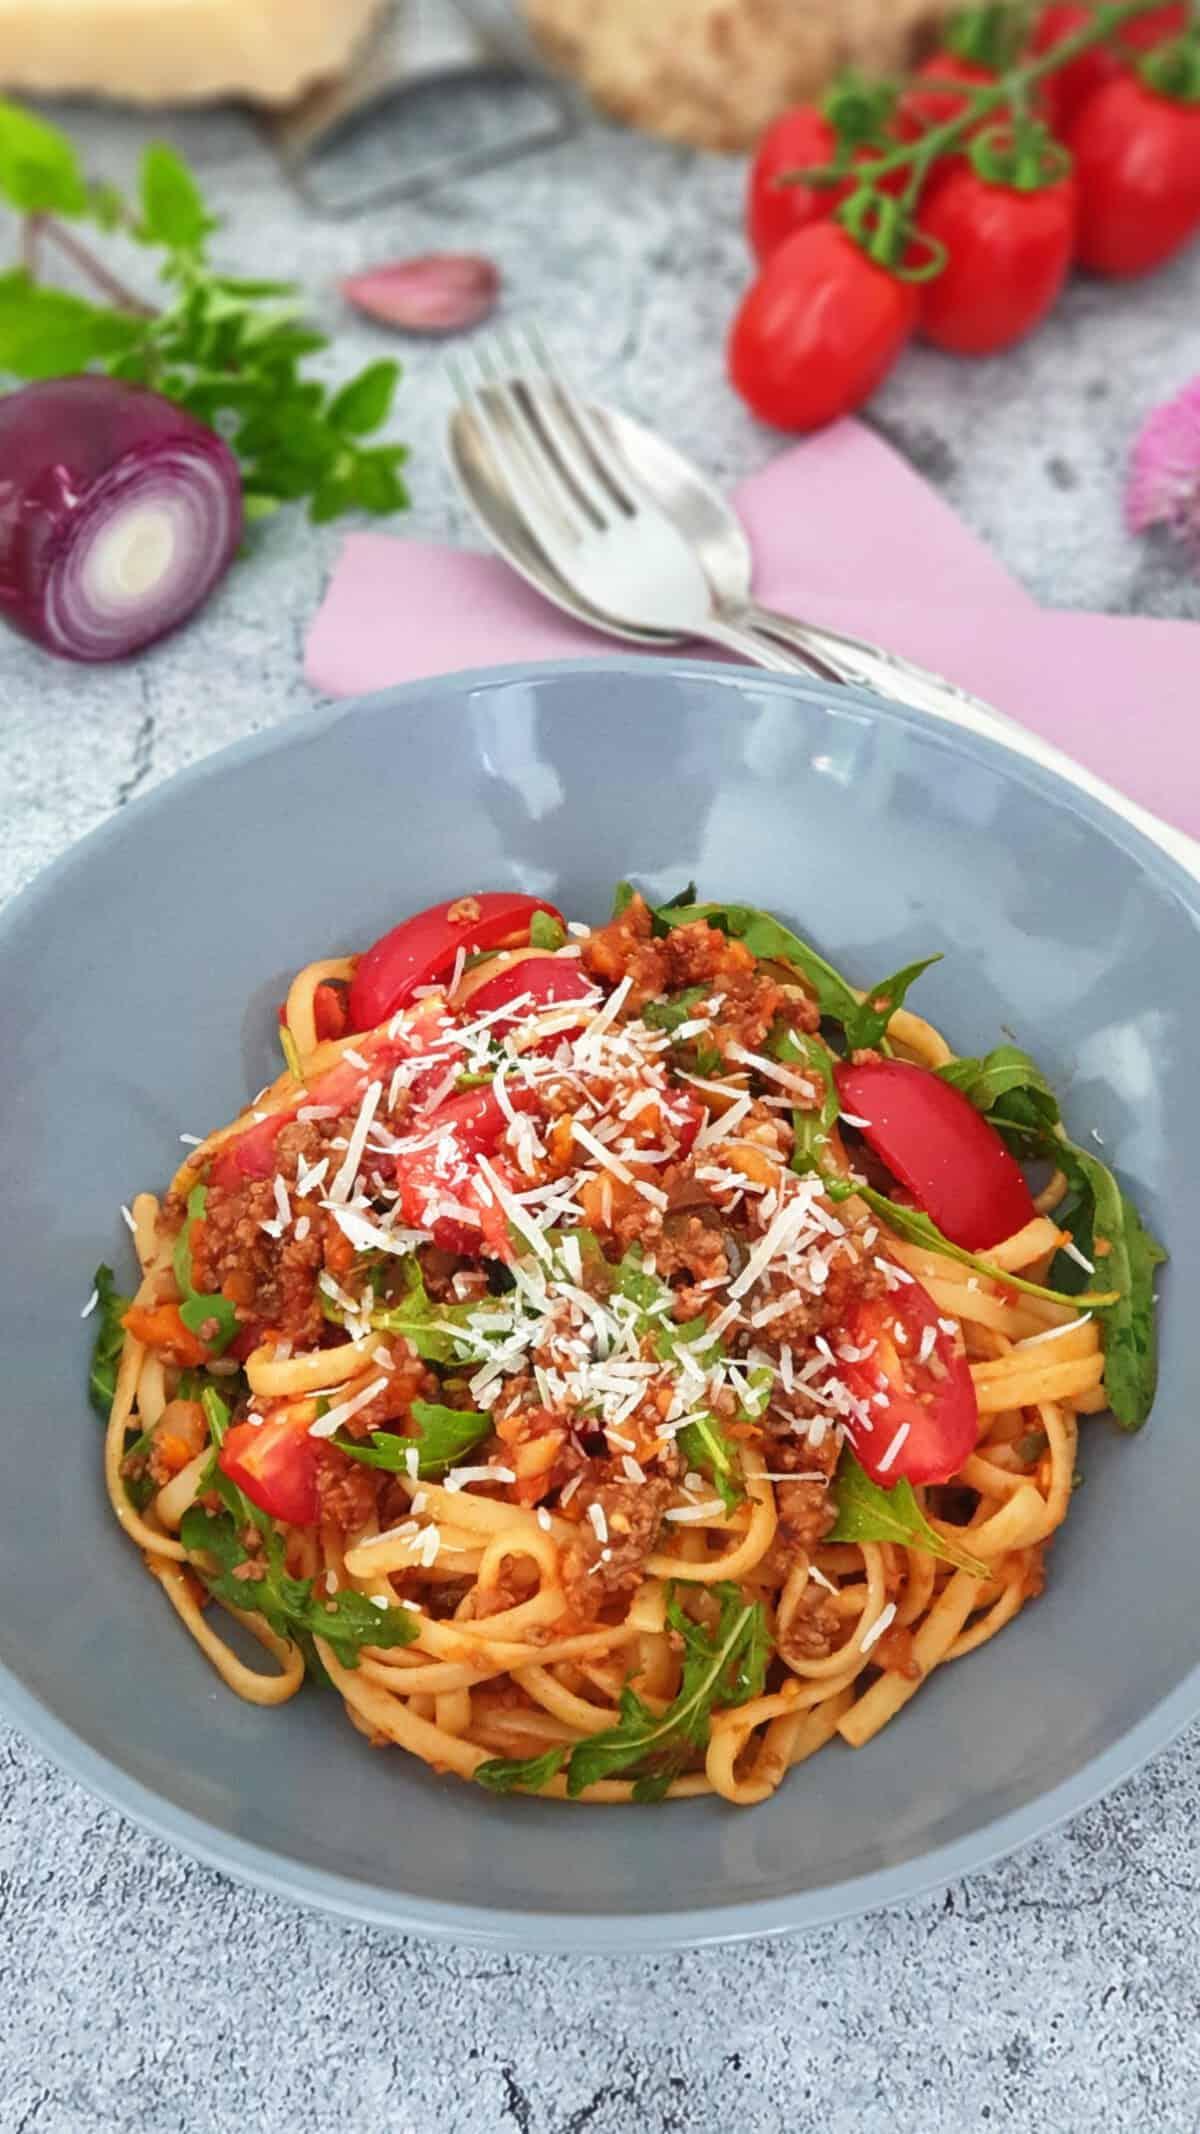 In einer grauen Schale serviert Pasta Bella Italia mit Hackfleisch-Soße und Rucola. Bestreut mit Parmesan. Im Hintergrund Deko.